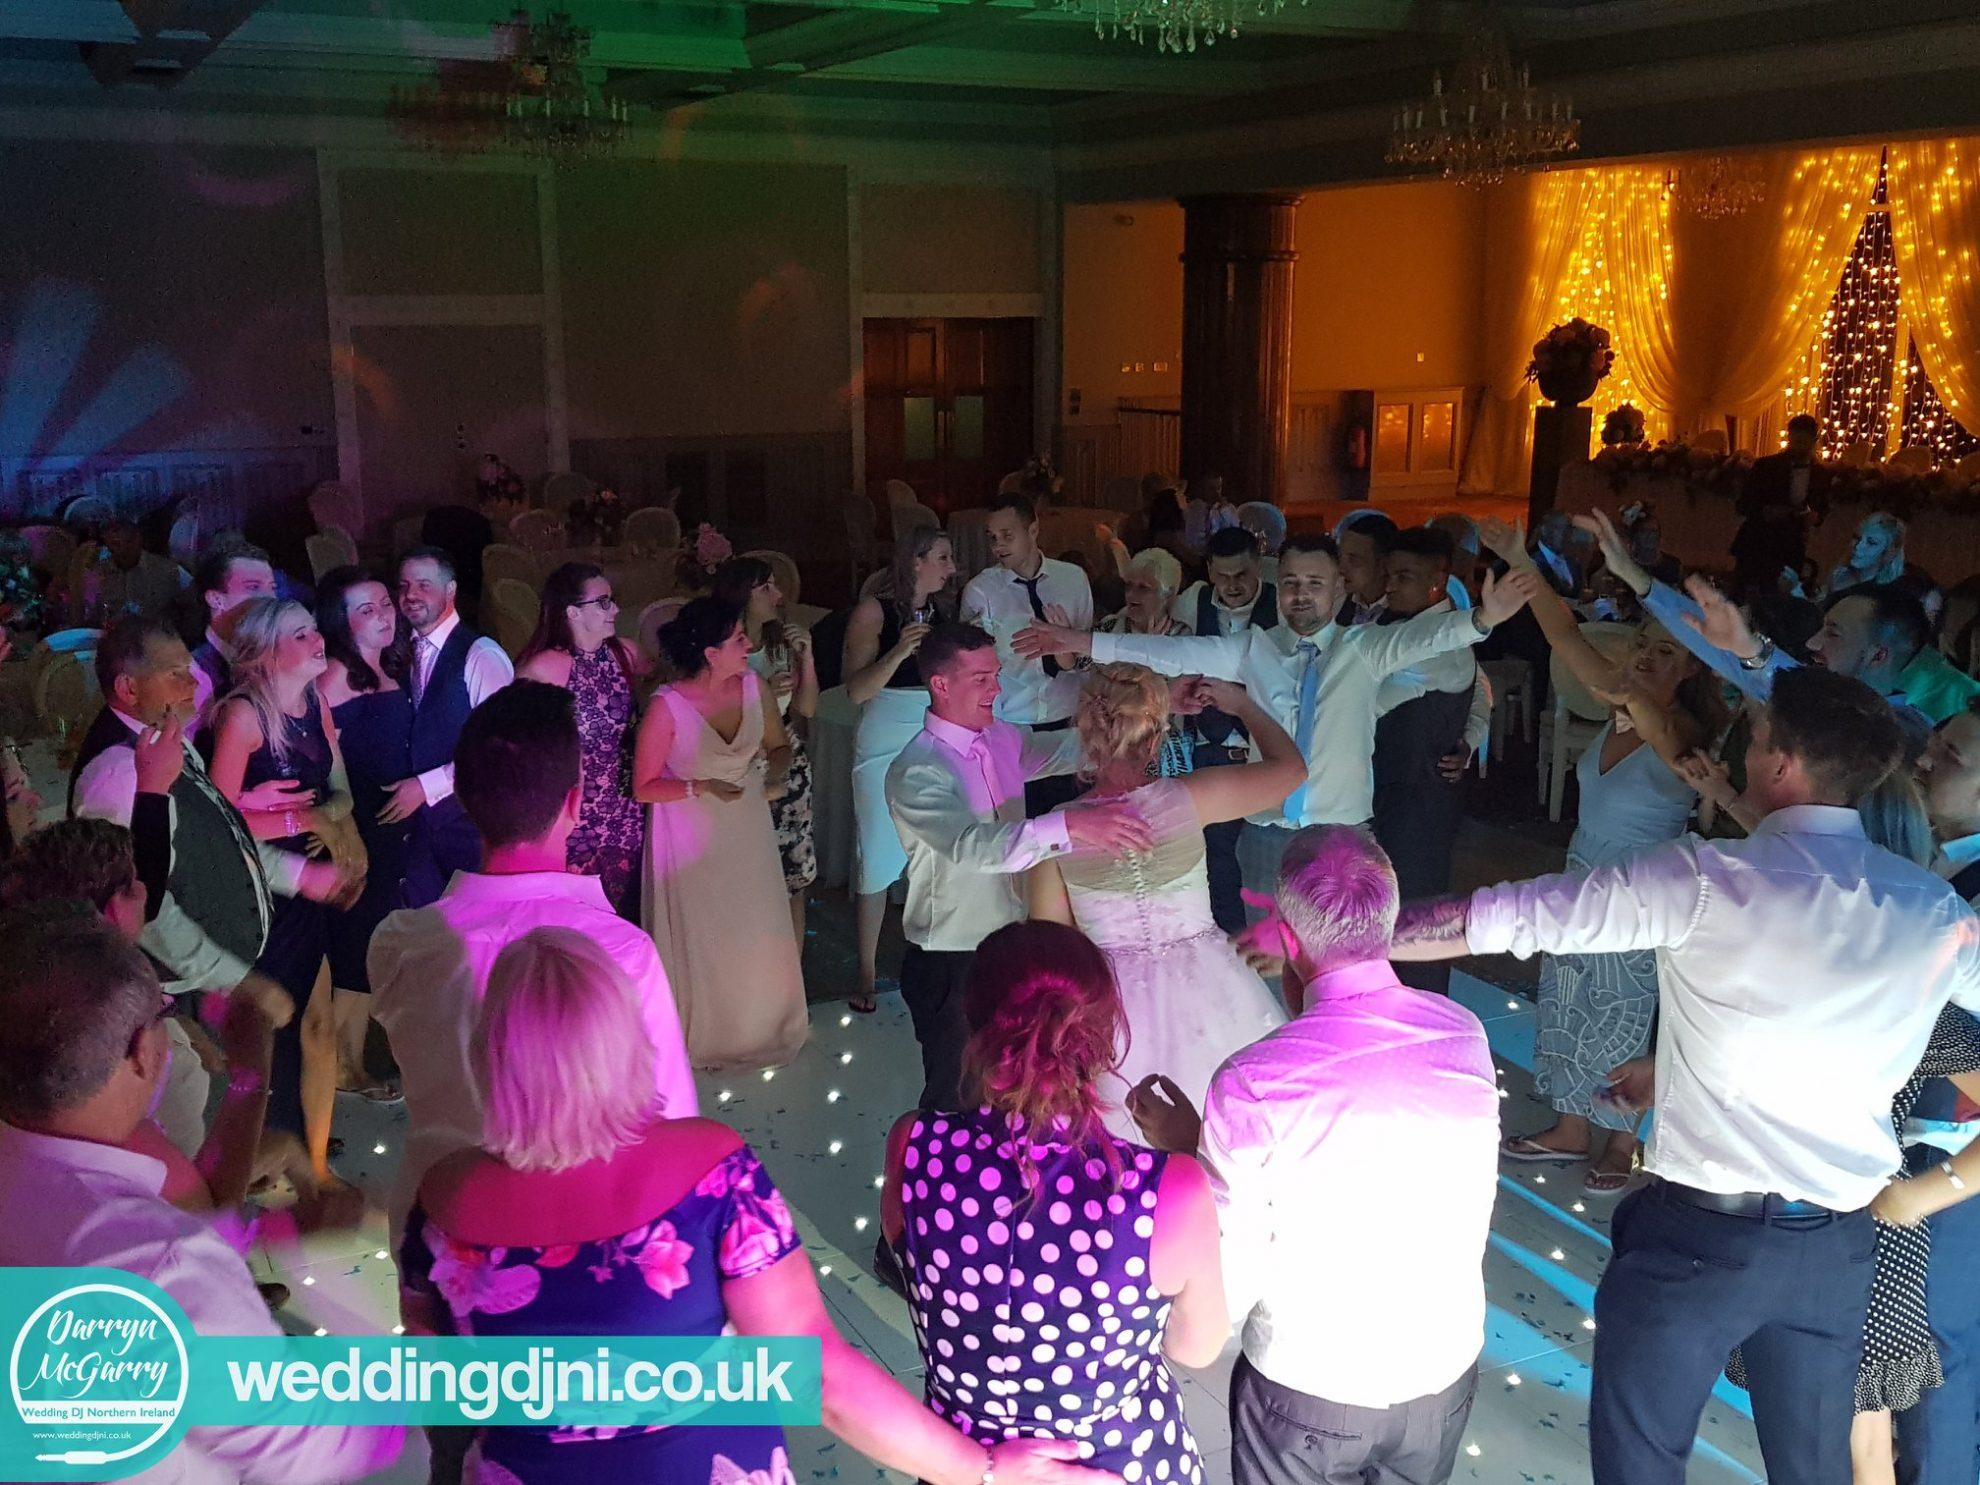 Darryn-McGarry-Wedding-DJ-NI